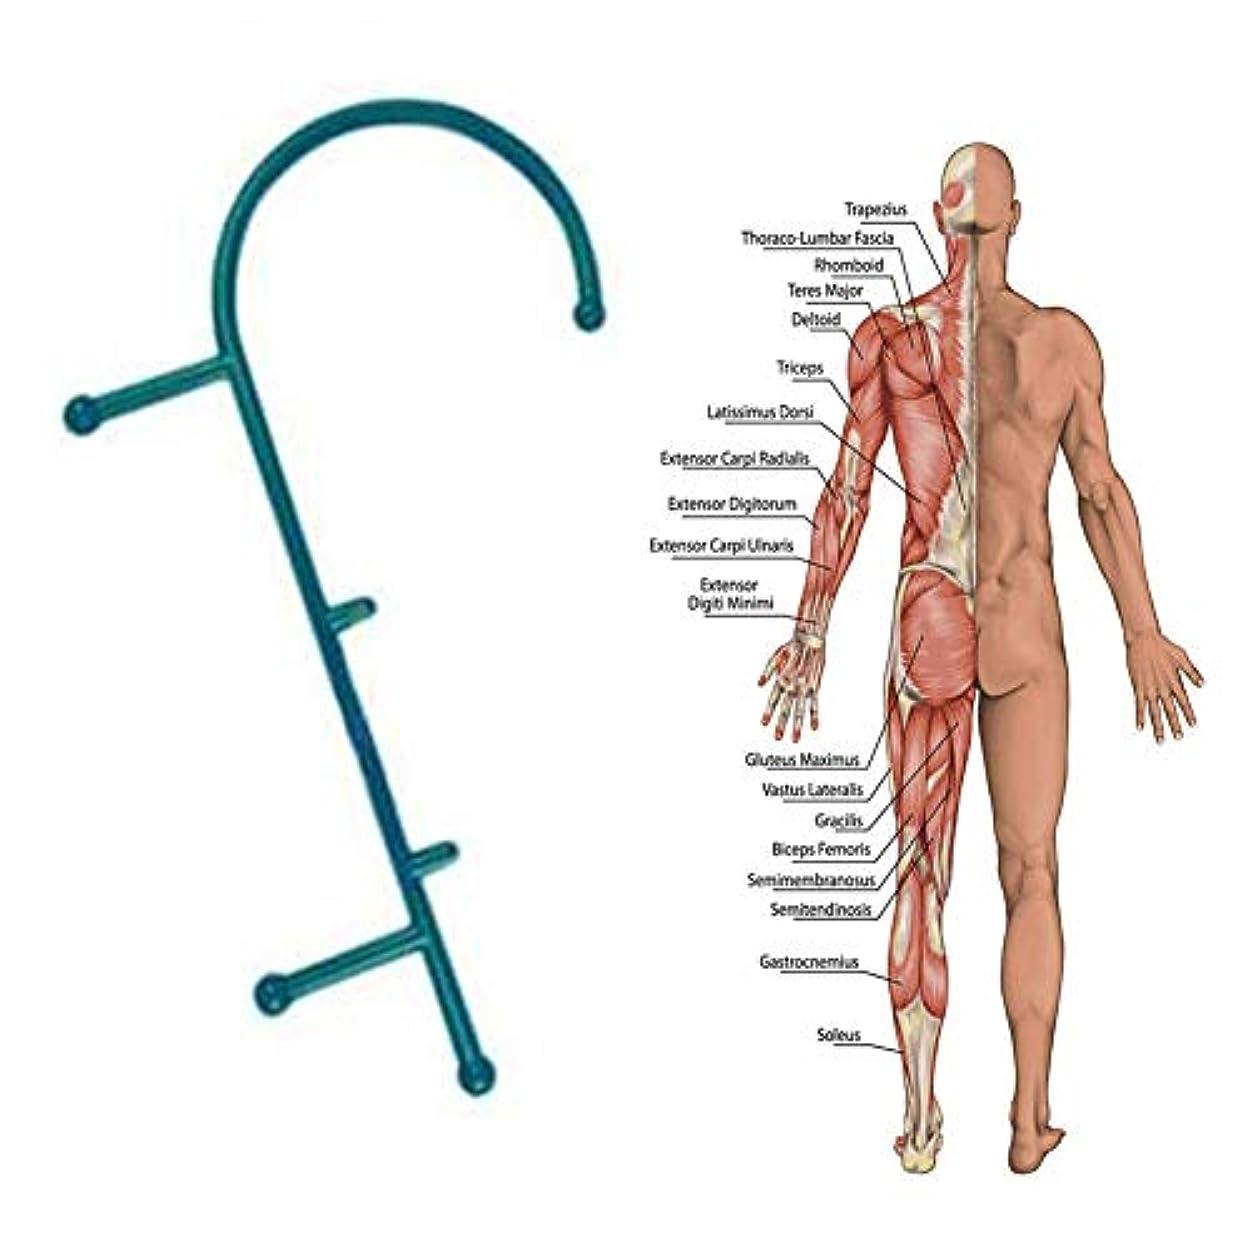 前者給料スリルトリガーポイントリリーフマッサージポイントセラピーマッサージツール背中の首の痛みのためのC字型ディープマッスルハンドマッサージャー筋肉マッスル筋膜リリース-ダークグリーン